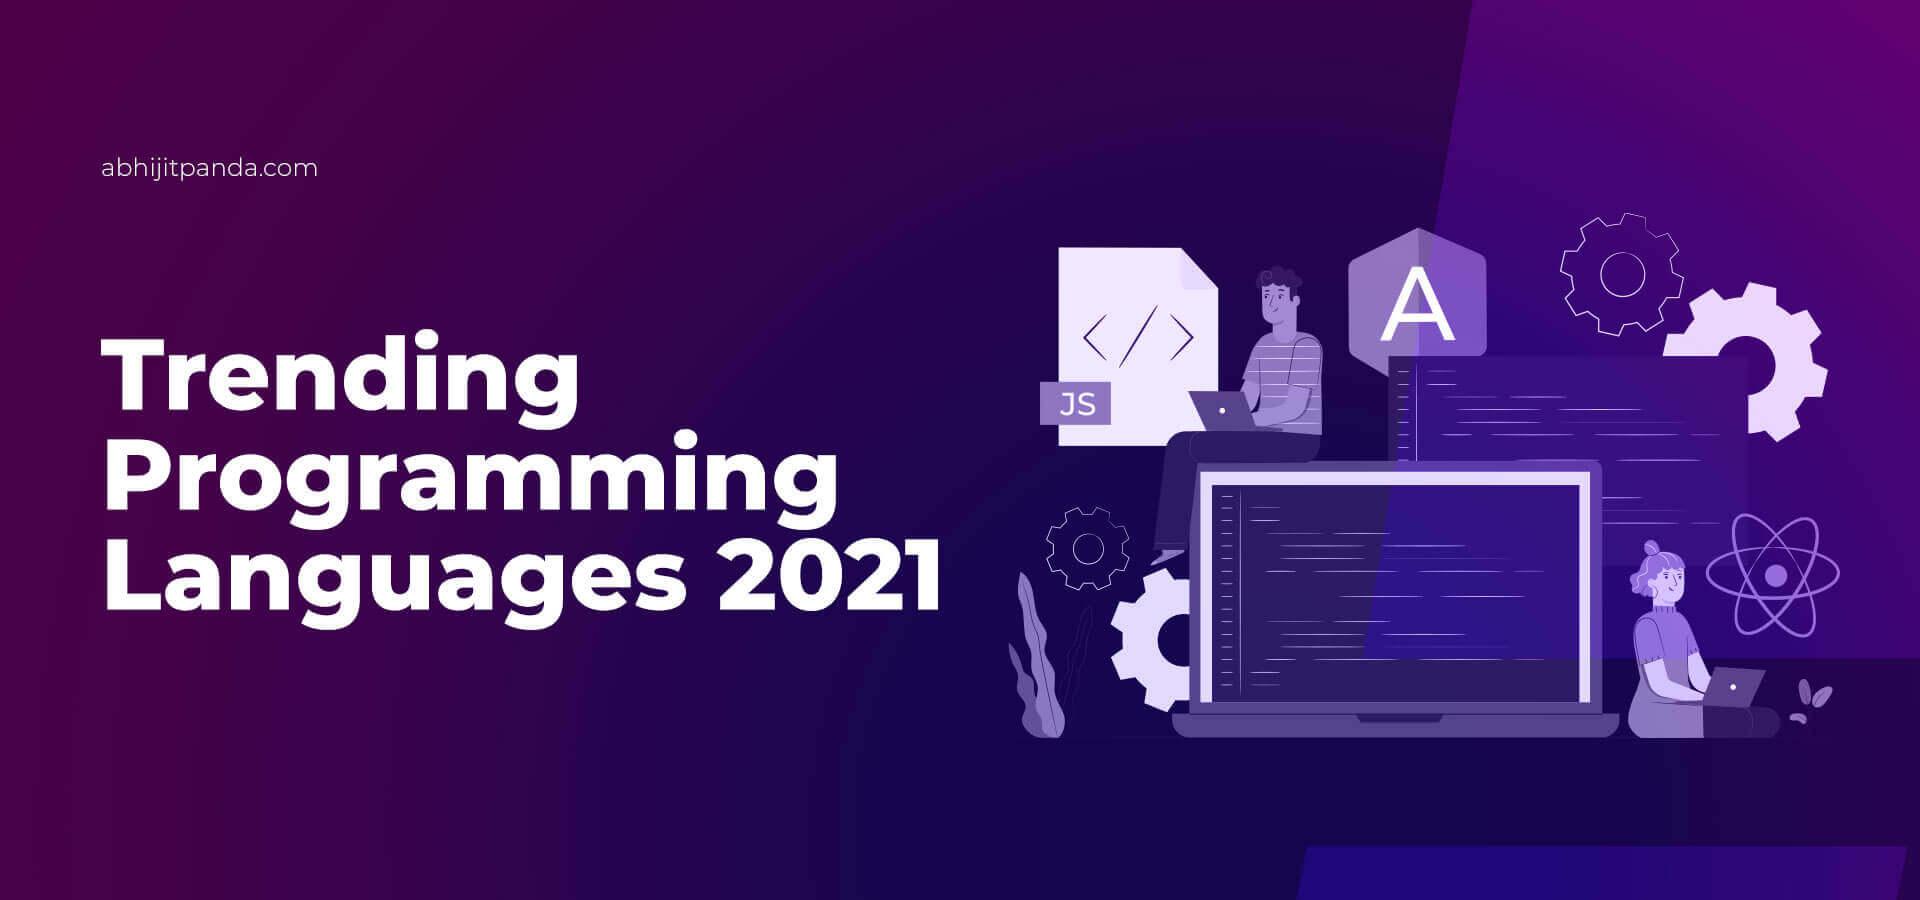 Trending Programming Languages